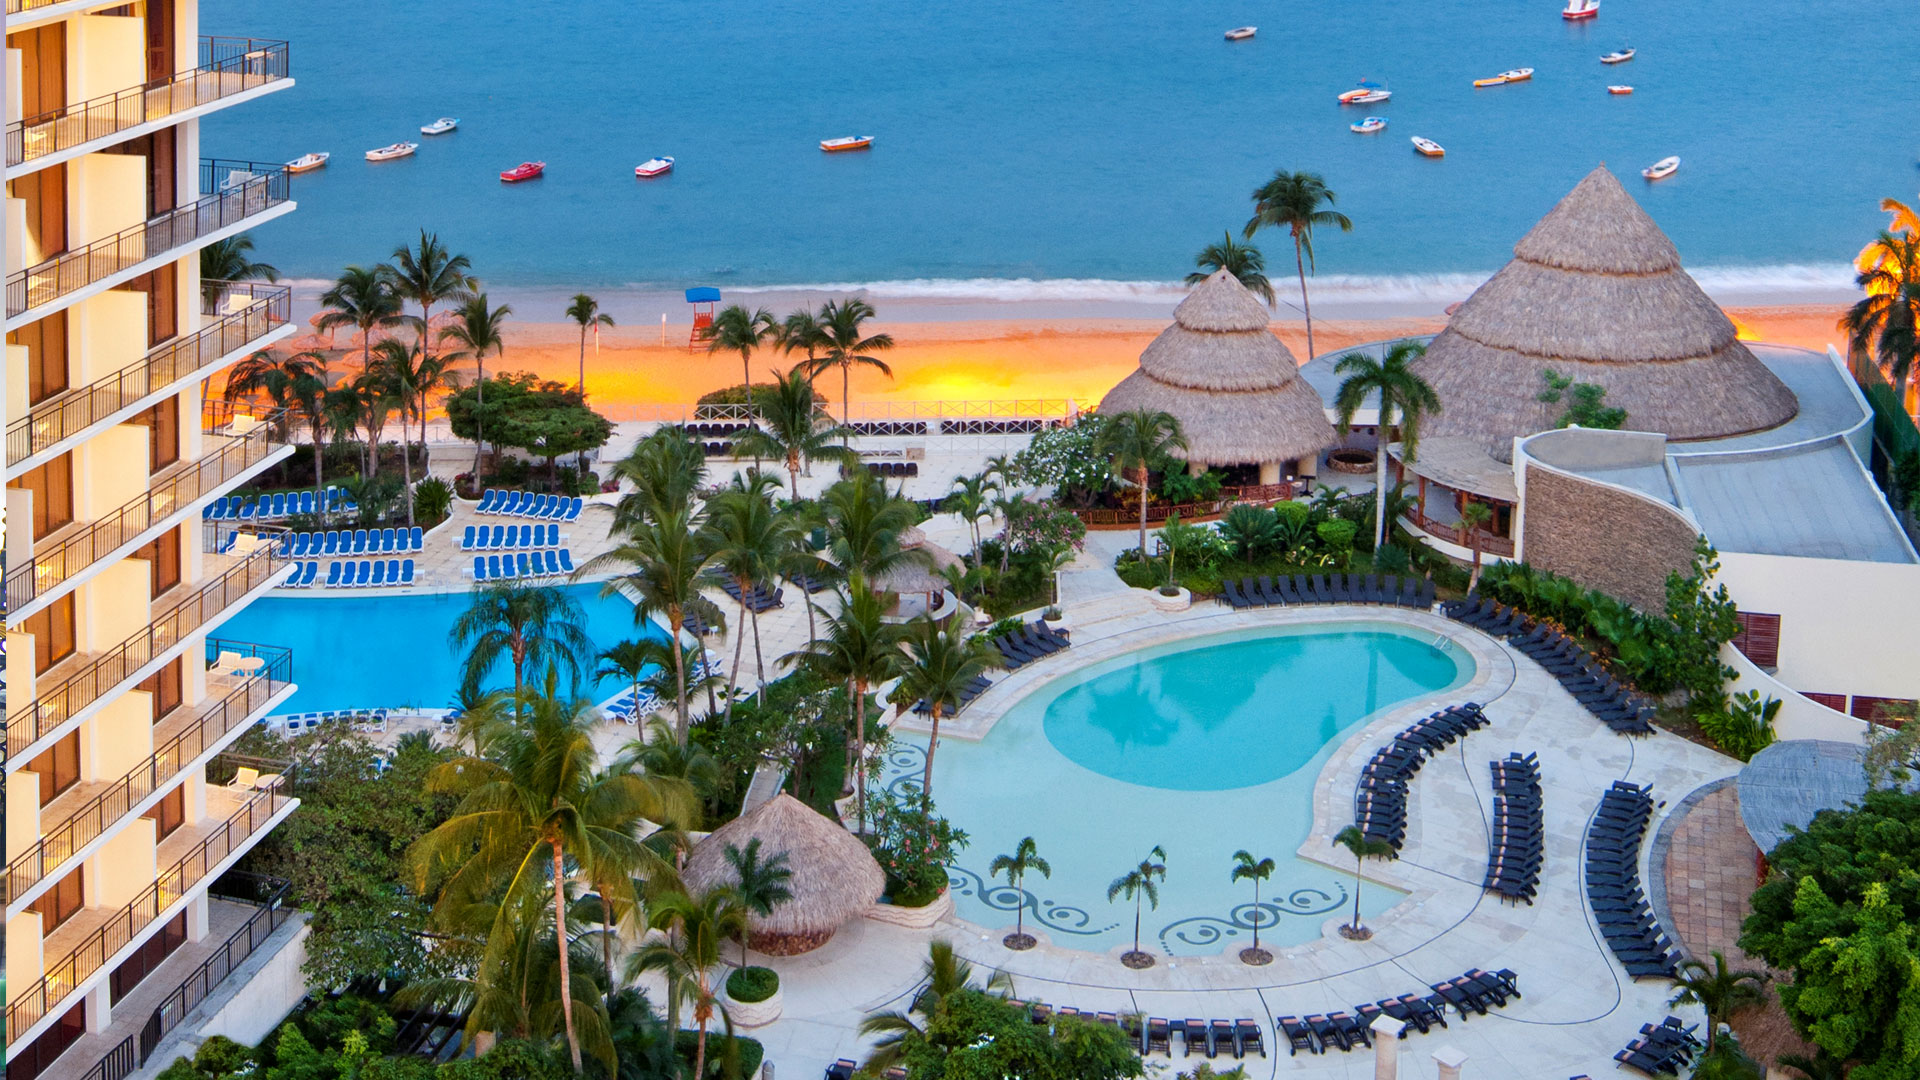 Dreams Resort & Spa Acapulco: un escape en el Pacífico mexicano